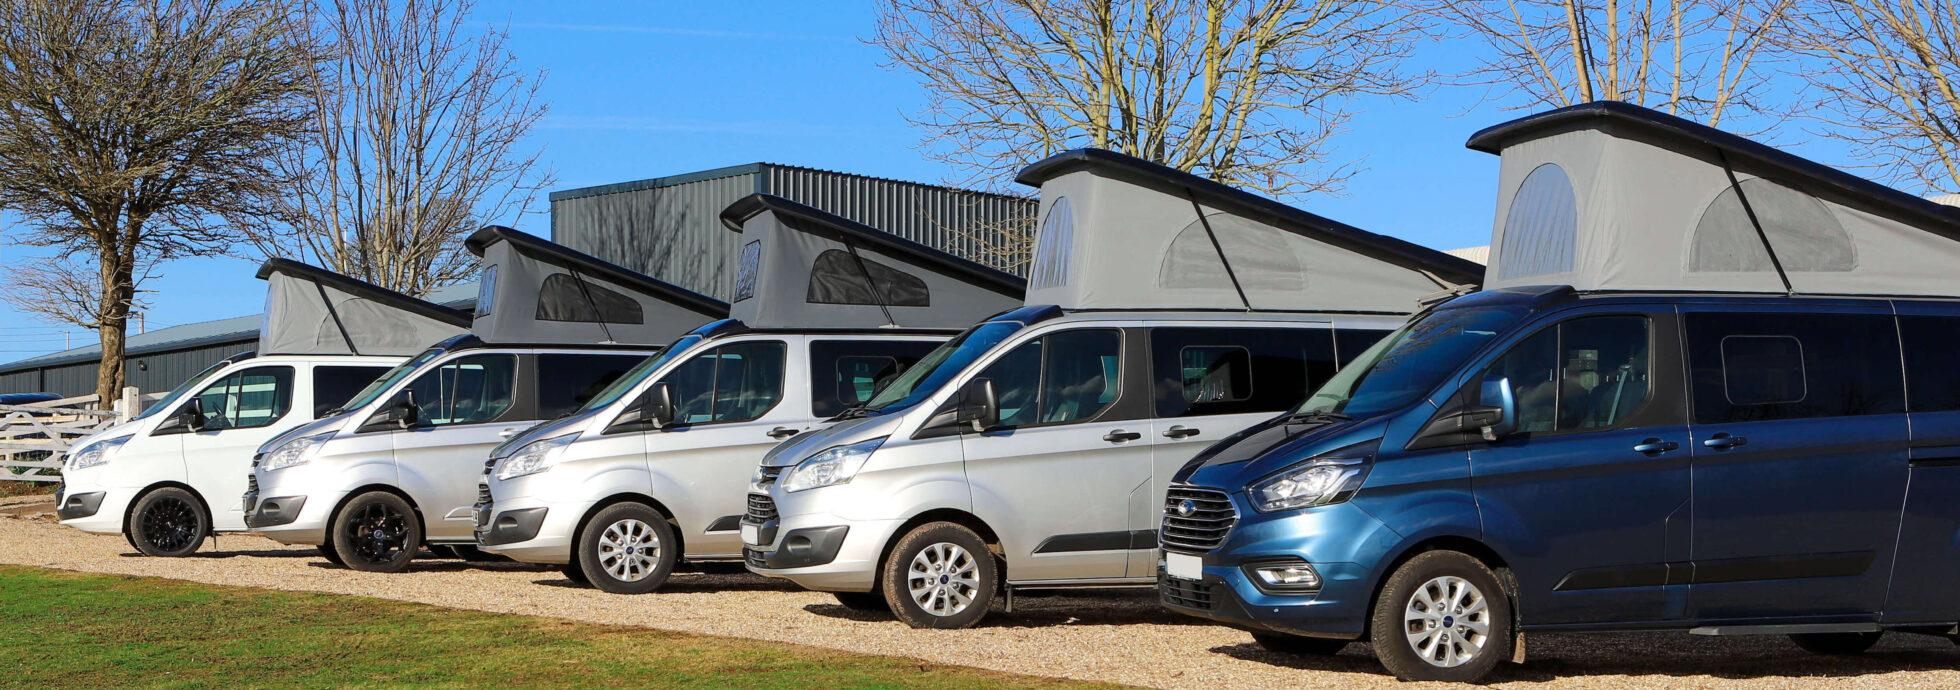 campervans lined up